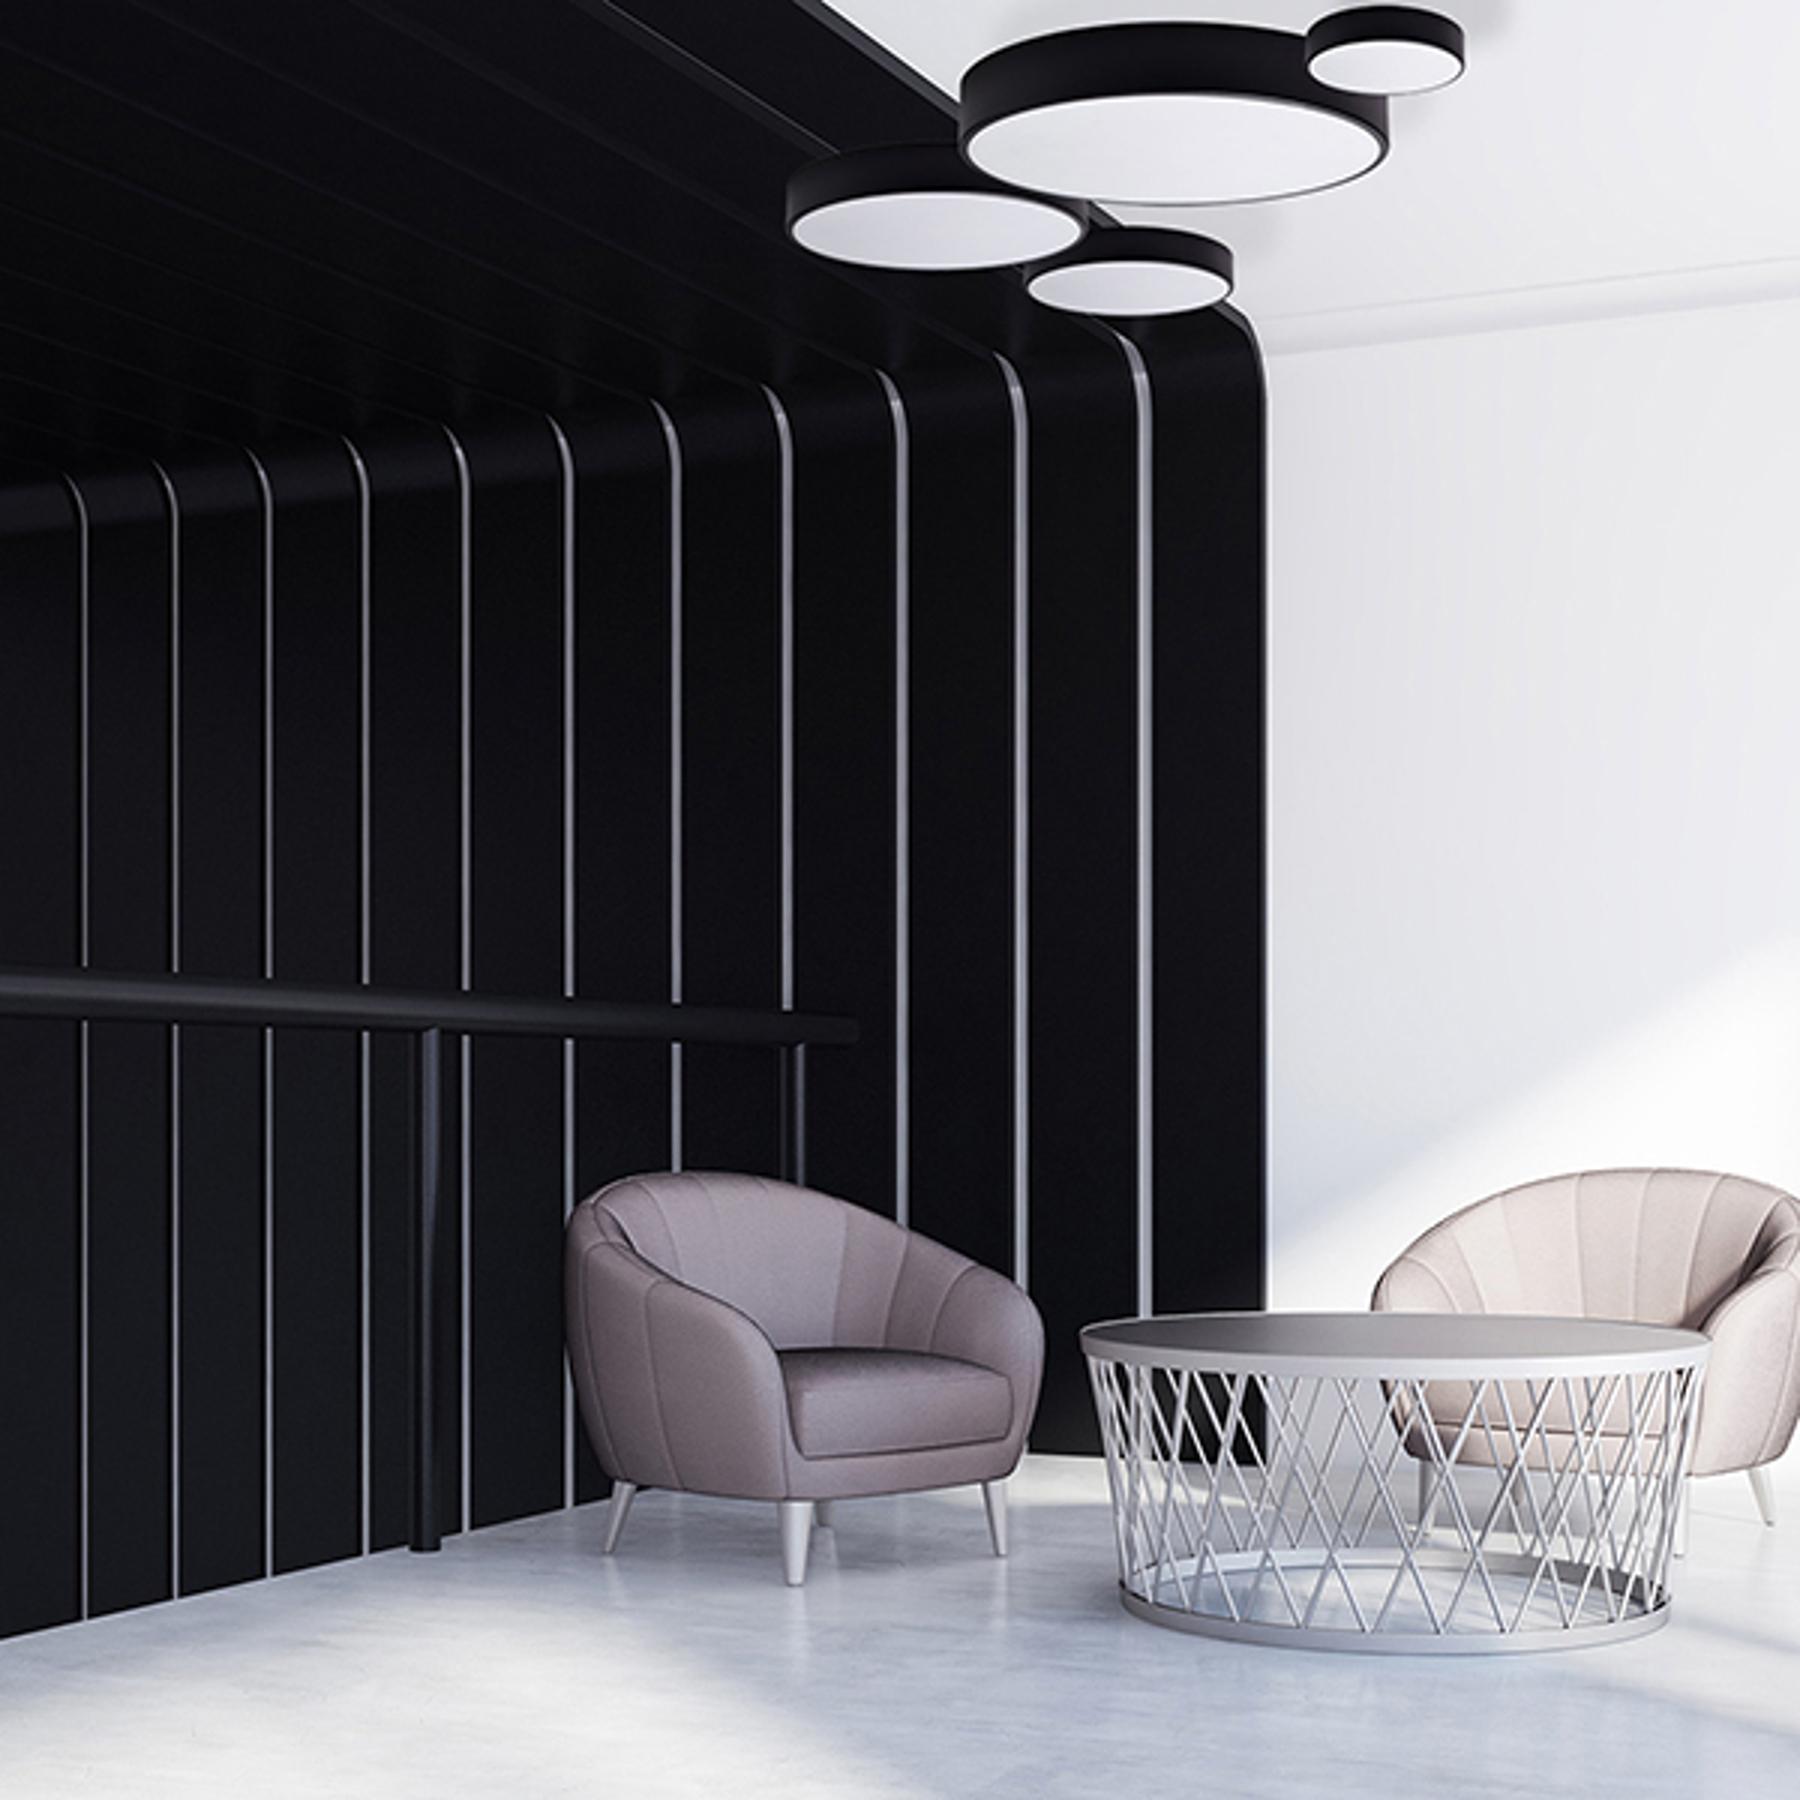 Lampa sufitowa Cleo, Ø 40cm, czarna